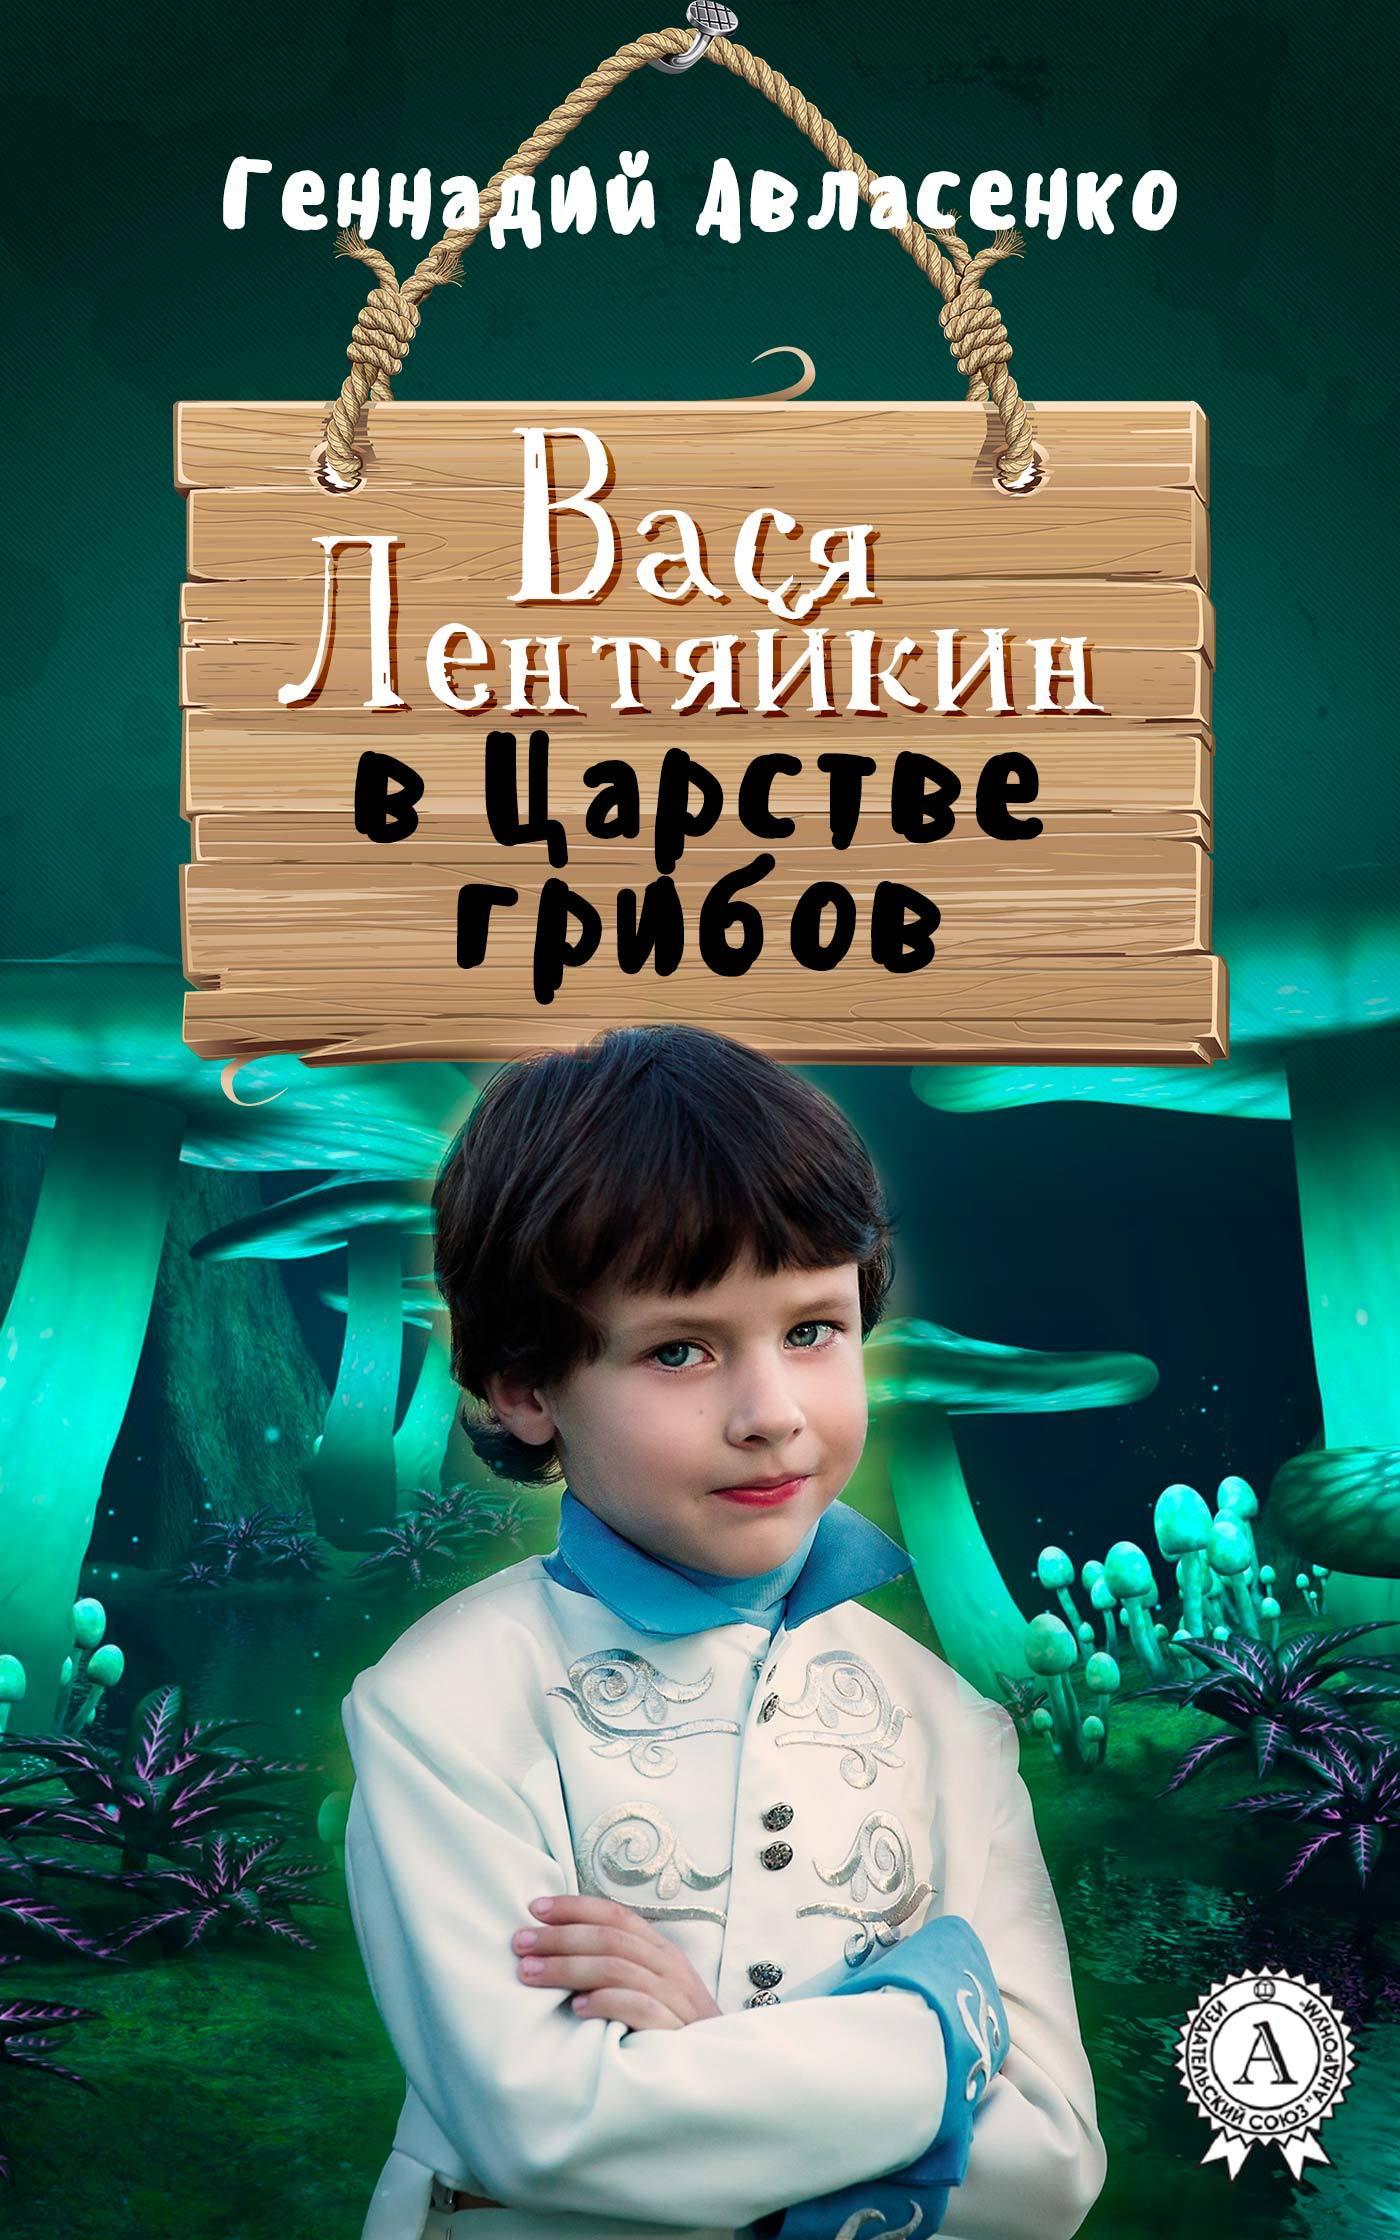 Фото - Геннадий Авласенко Вася Лентяйкин в Царстве грибов геннадий авласенко птичьи разговоры